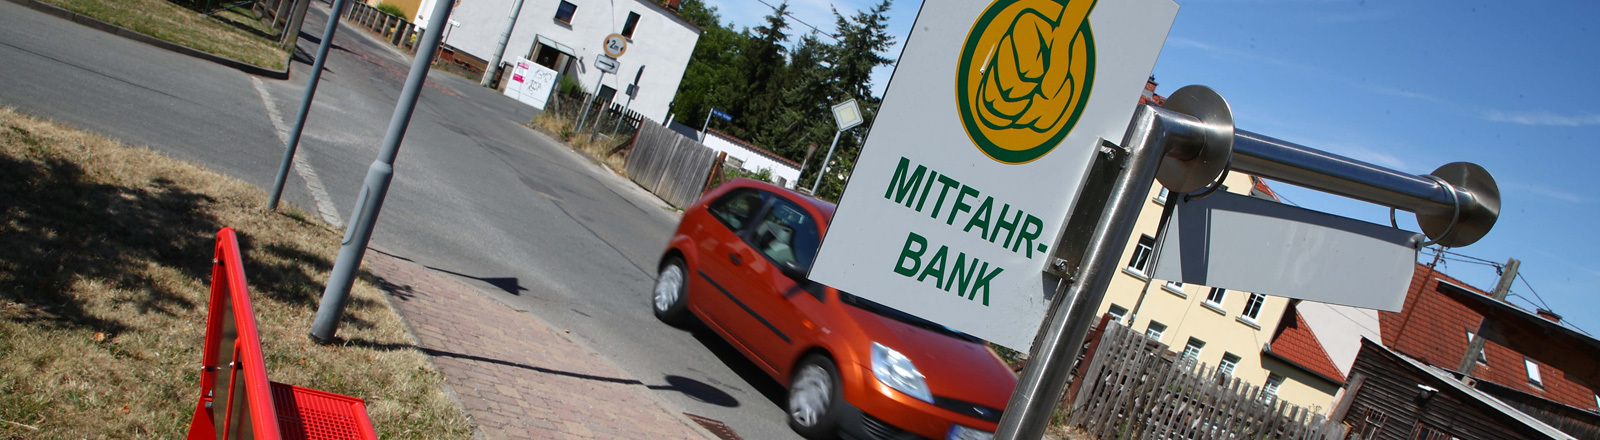 Eine rote Bank steht in der Ortsmitte der Gemeinde Oberlödla im Altenburger Land. Es ist eine Mitfahrbank. An einem Schild hängt ein Hinweis; Foto: dpa